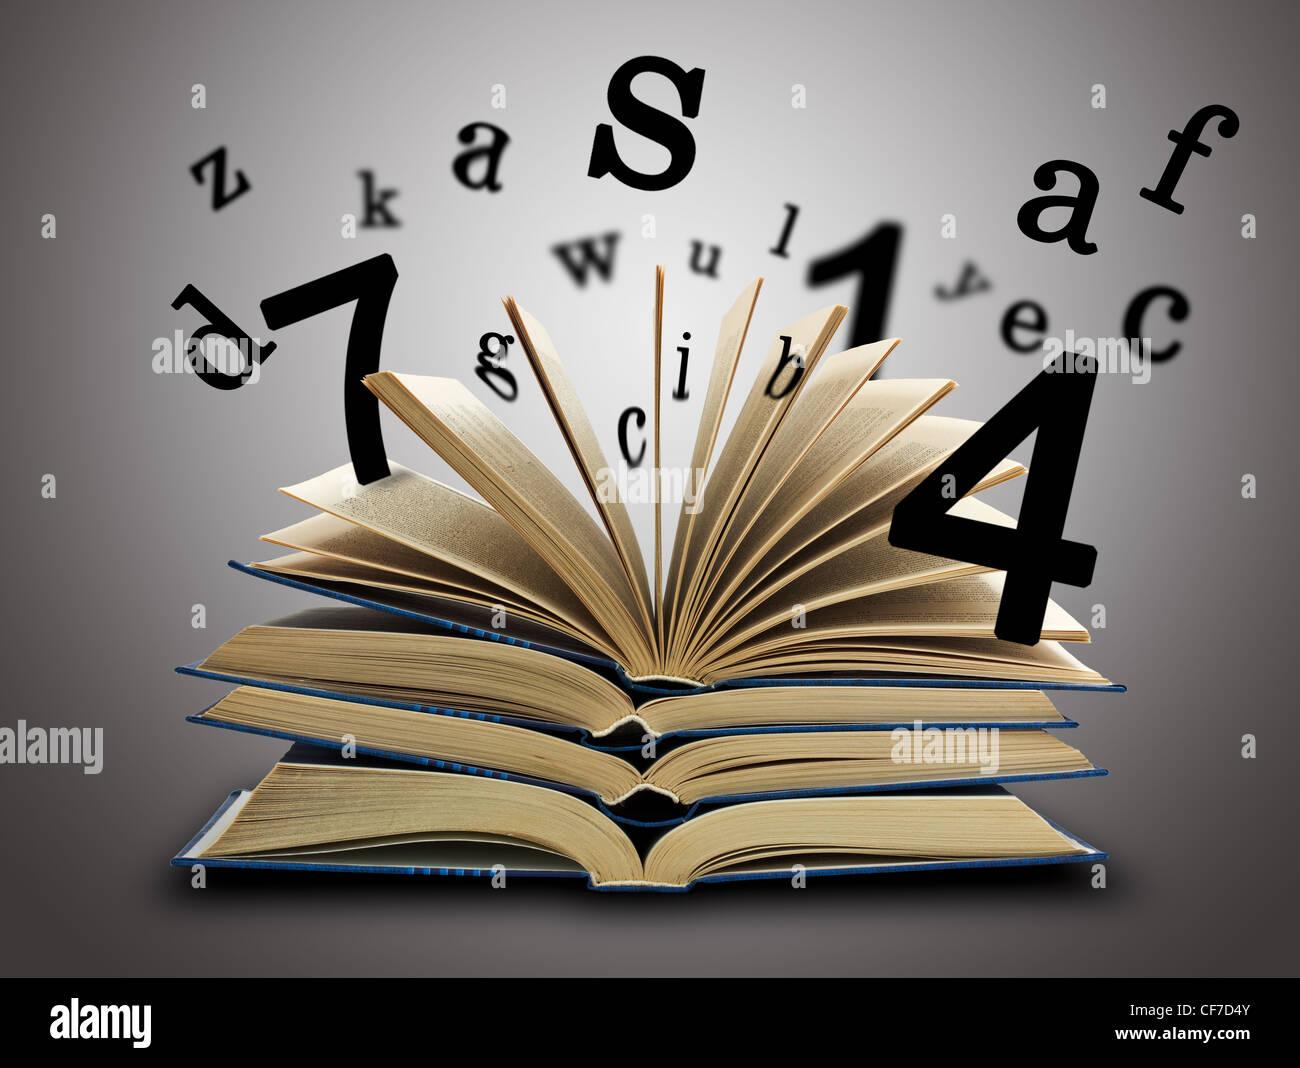 Das magische Buch und die Buchstaben und Zahlen auf einem dunklen Hintergrund. Bildungskonzept Stockbild